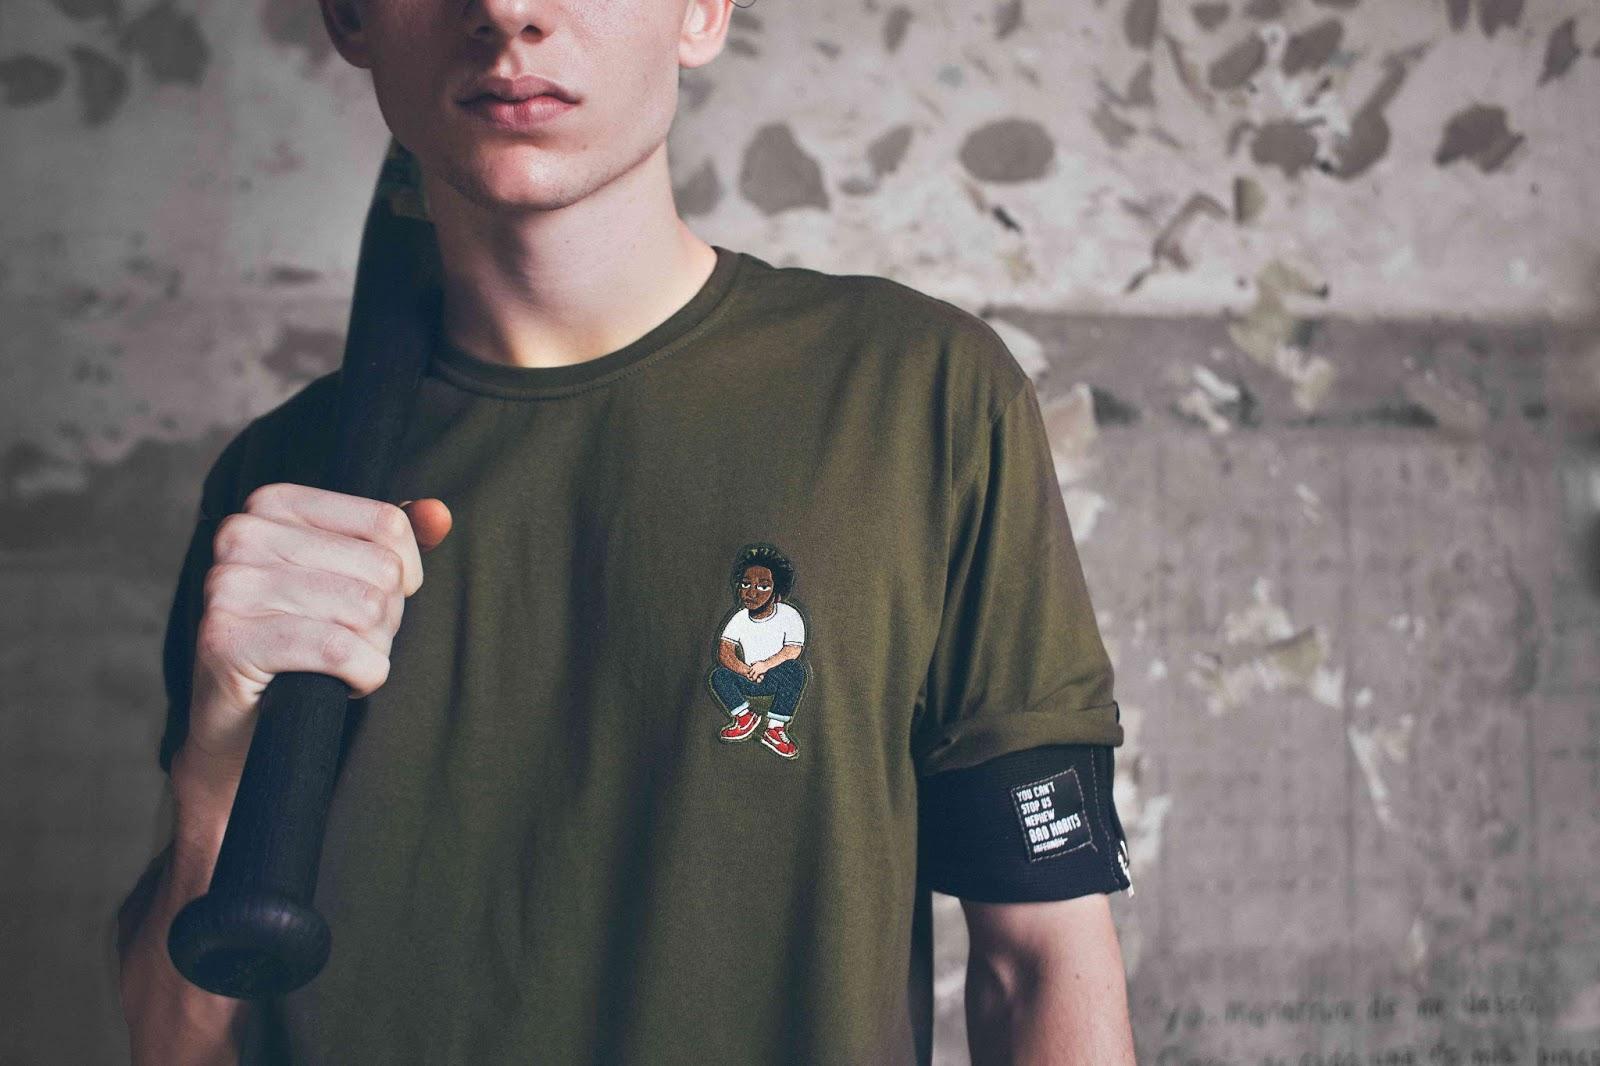 nephew zhi streetwear brasil 05 - Nephew colabora com famoso ilustrador Zhi